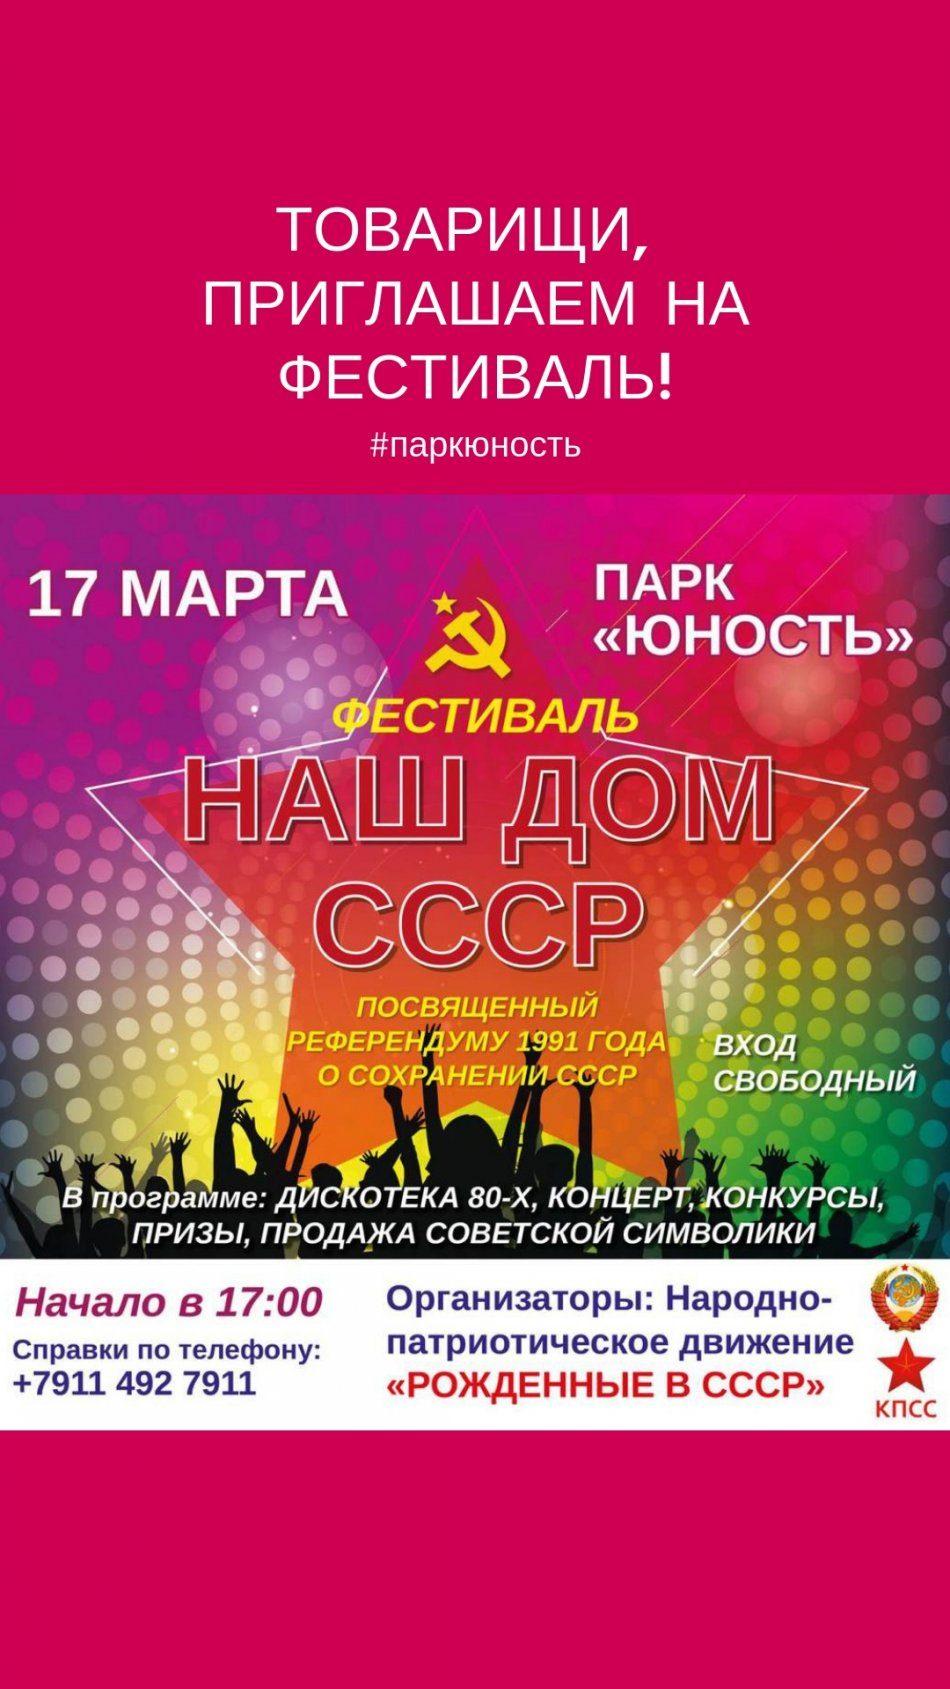 Фестиваль «Наш дом СССР»